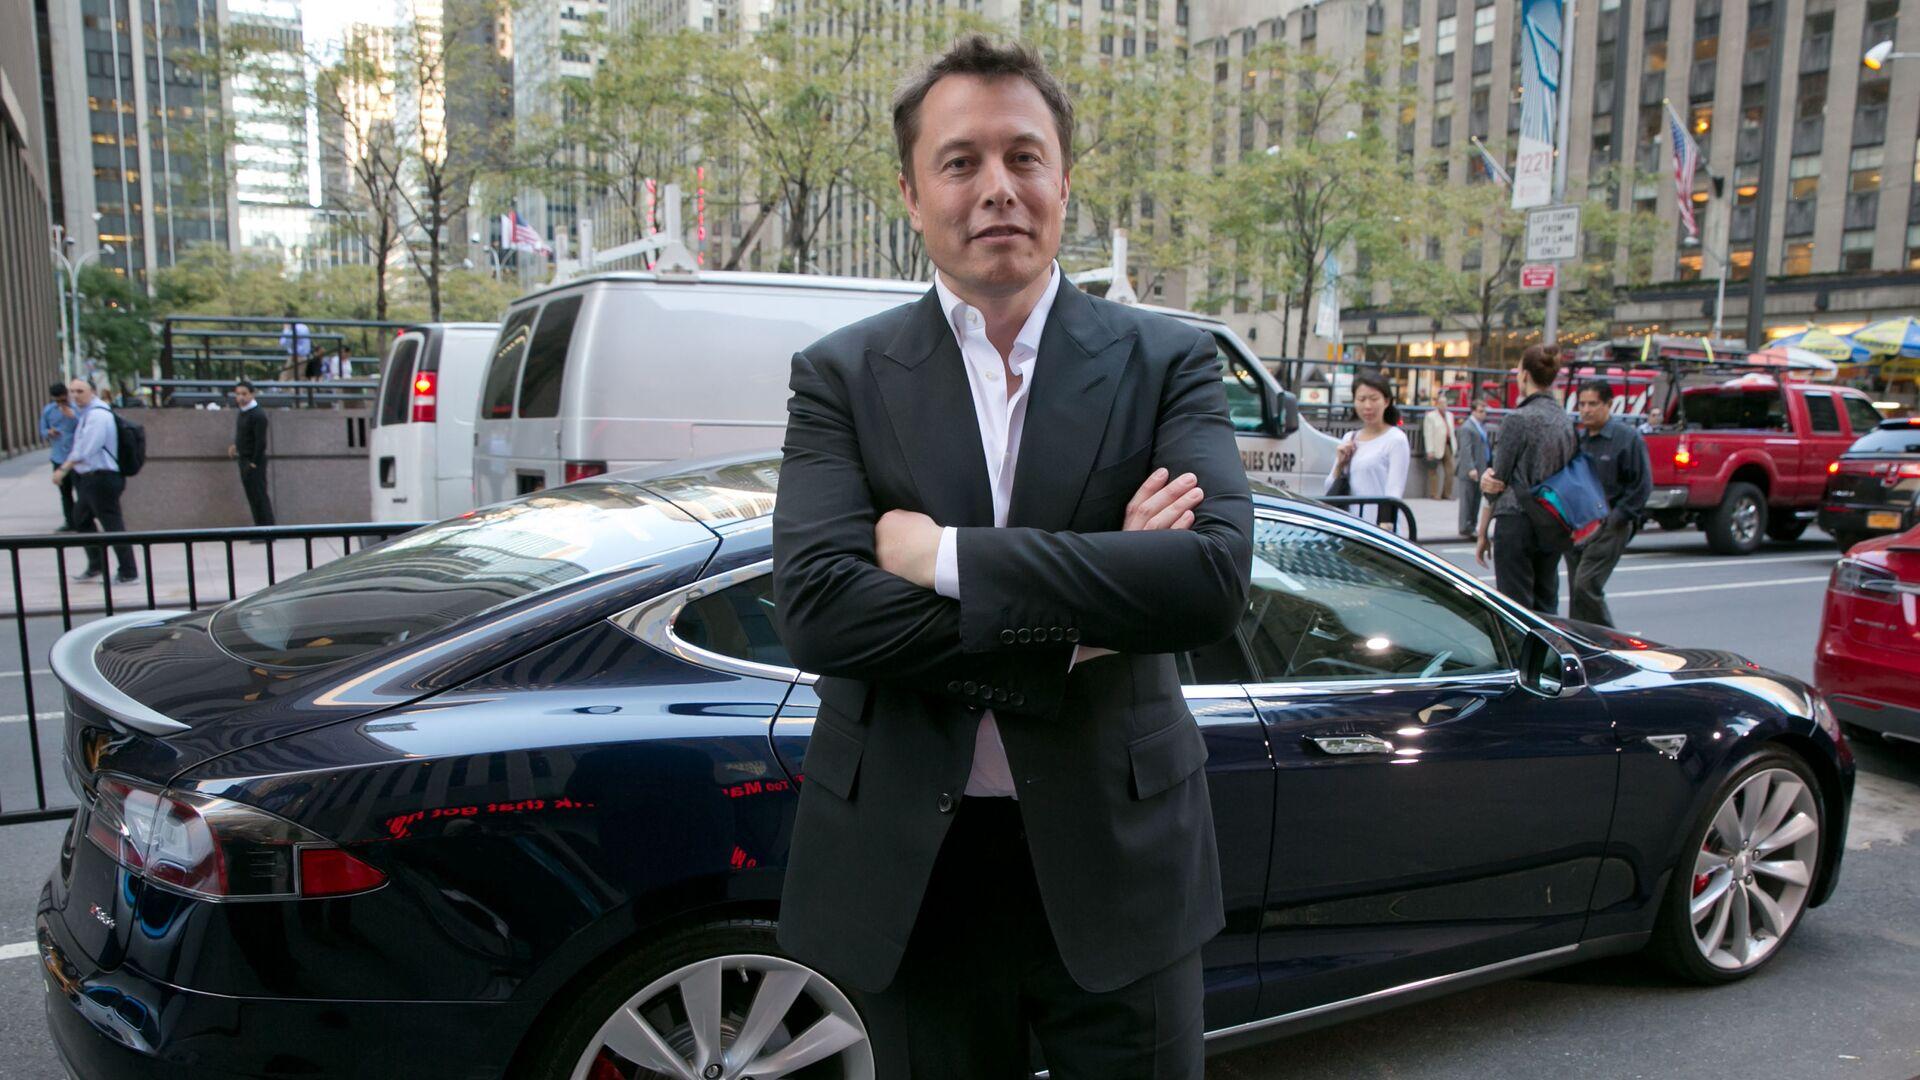 Основатель компаний Tesla и SpaceX Илон Маск - Sputnik Таджикистан, 1920, 21.05.2021